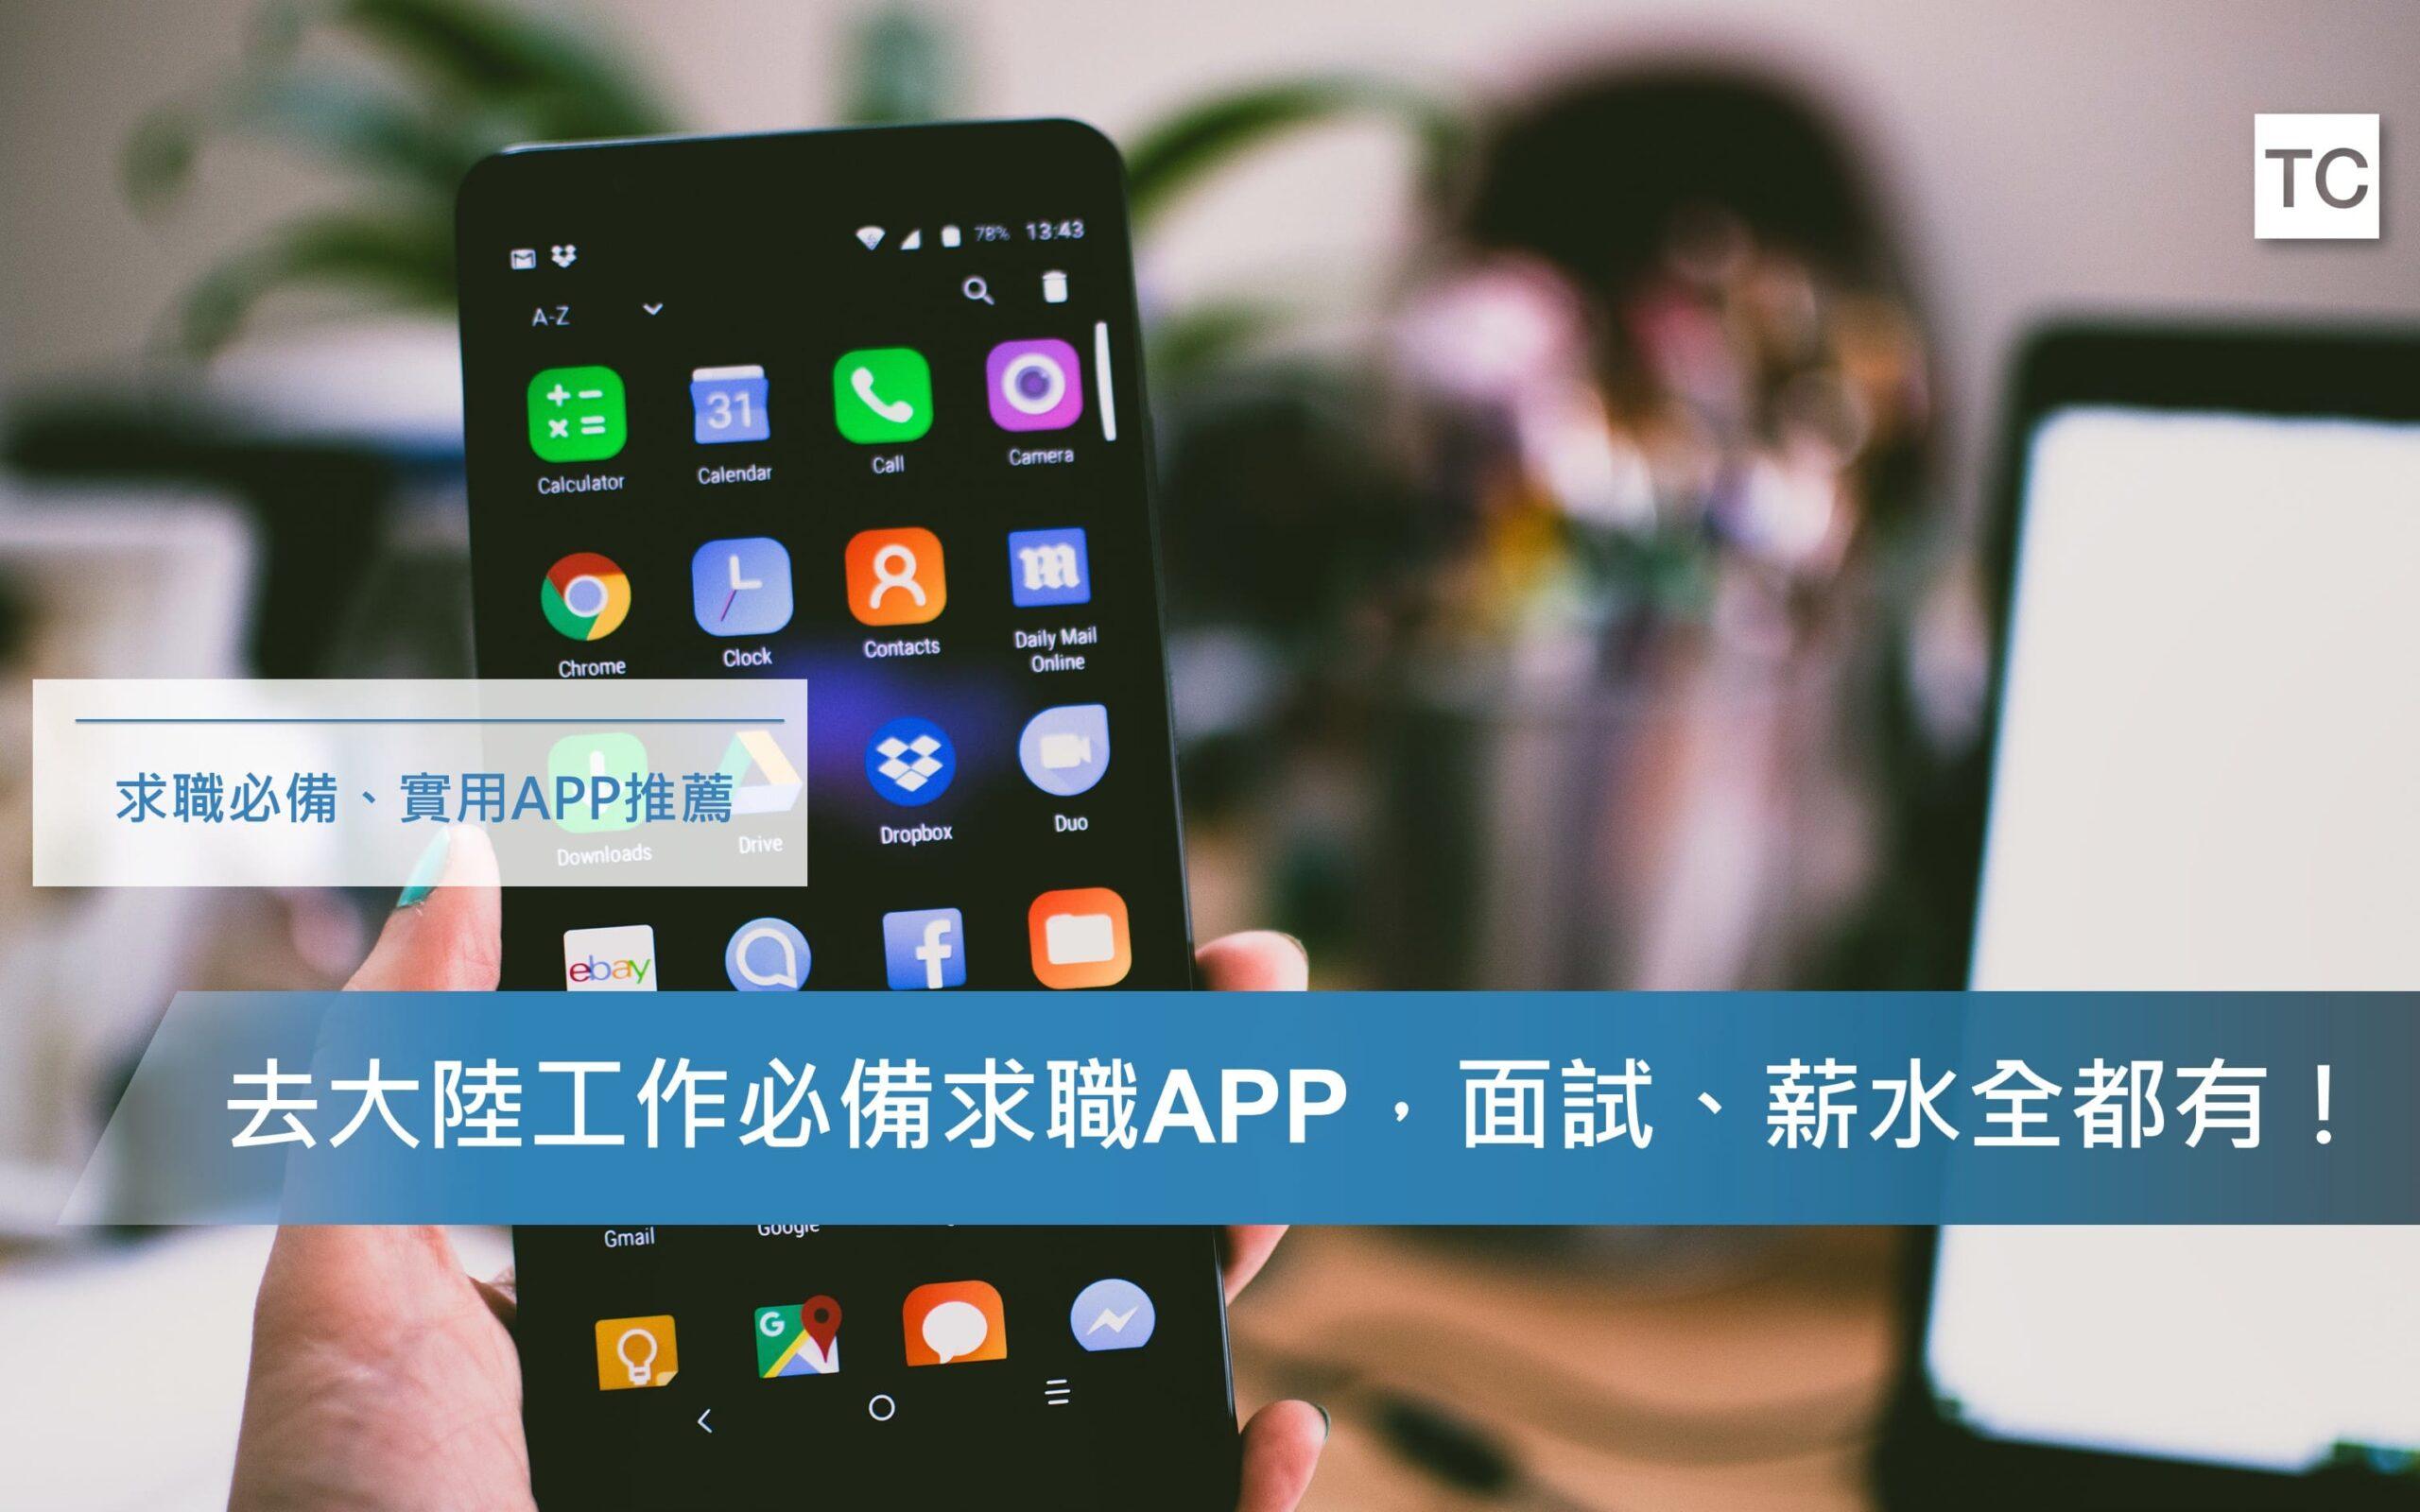 實用APP推薦:1款有面試、薪資和相關經驗分享的求職APP